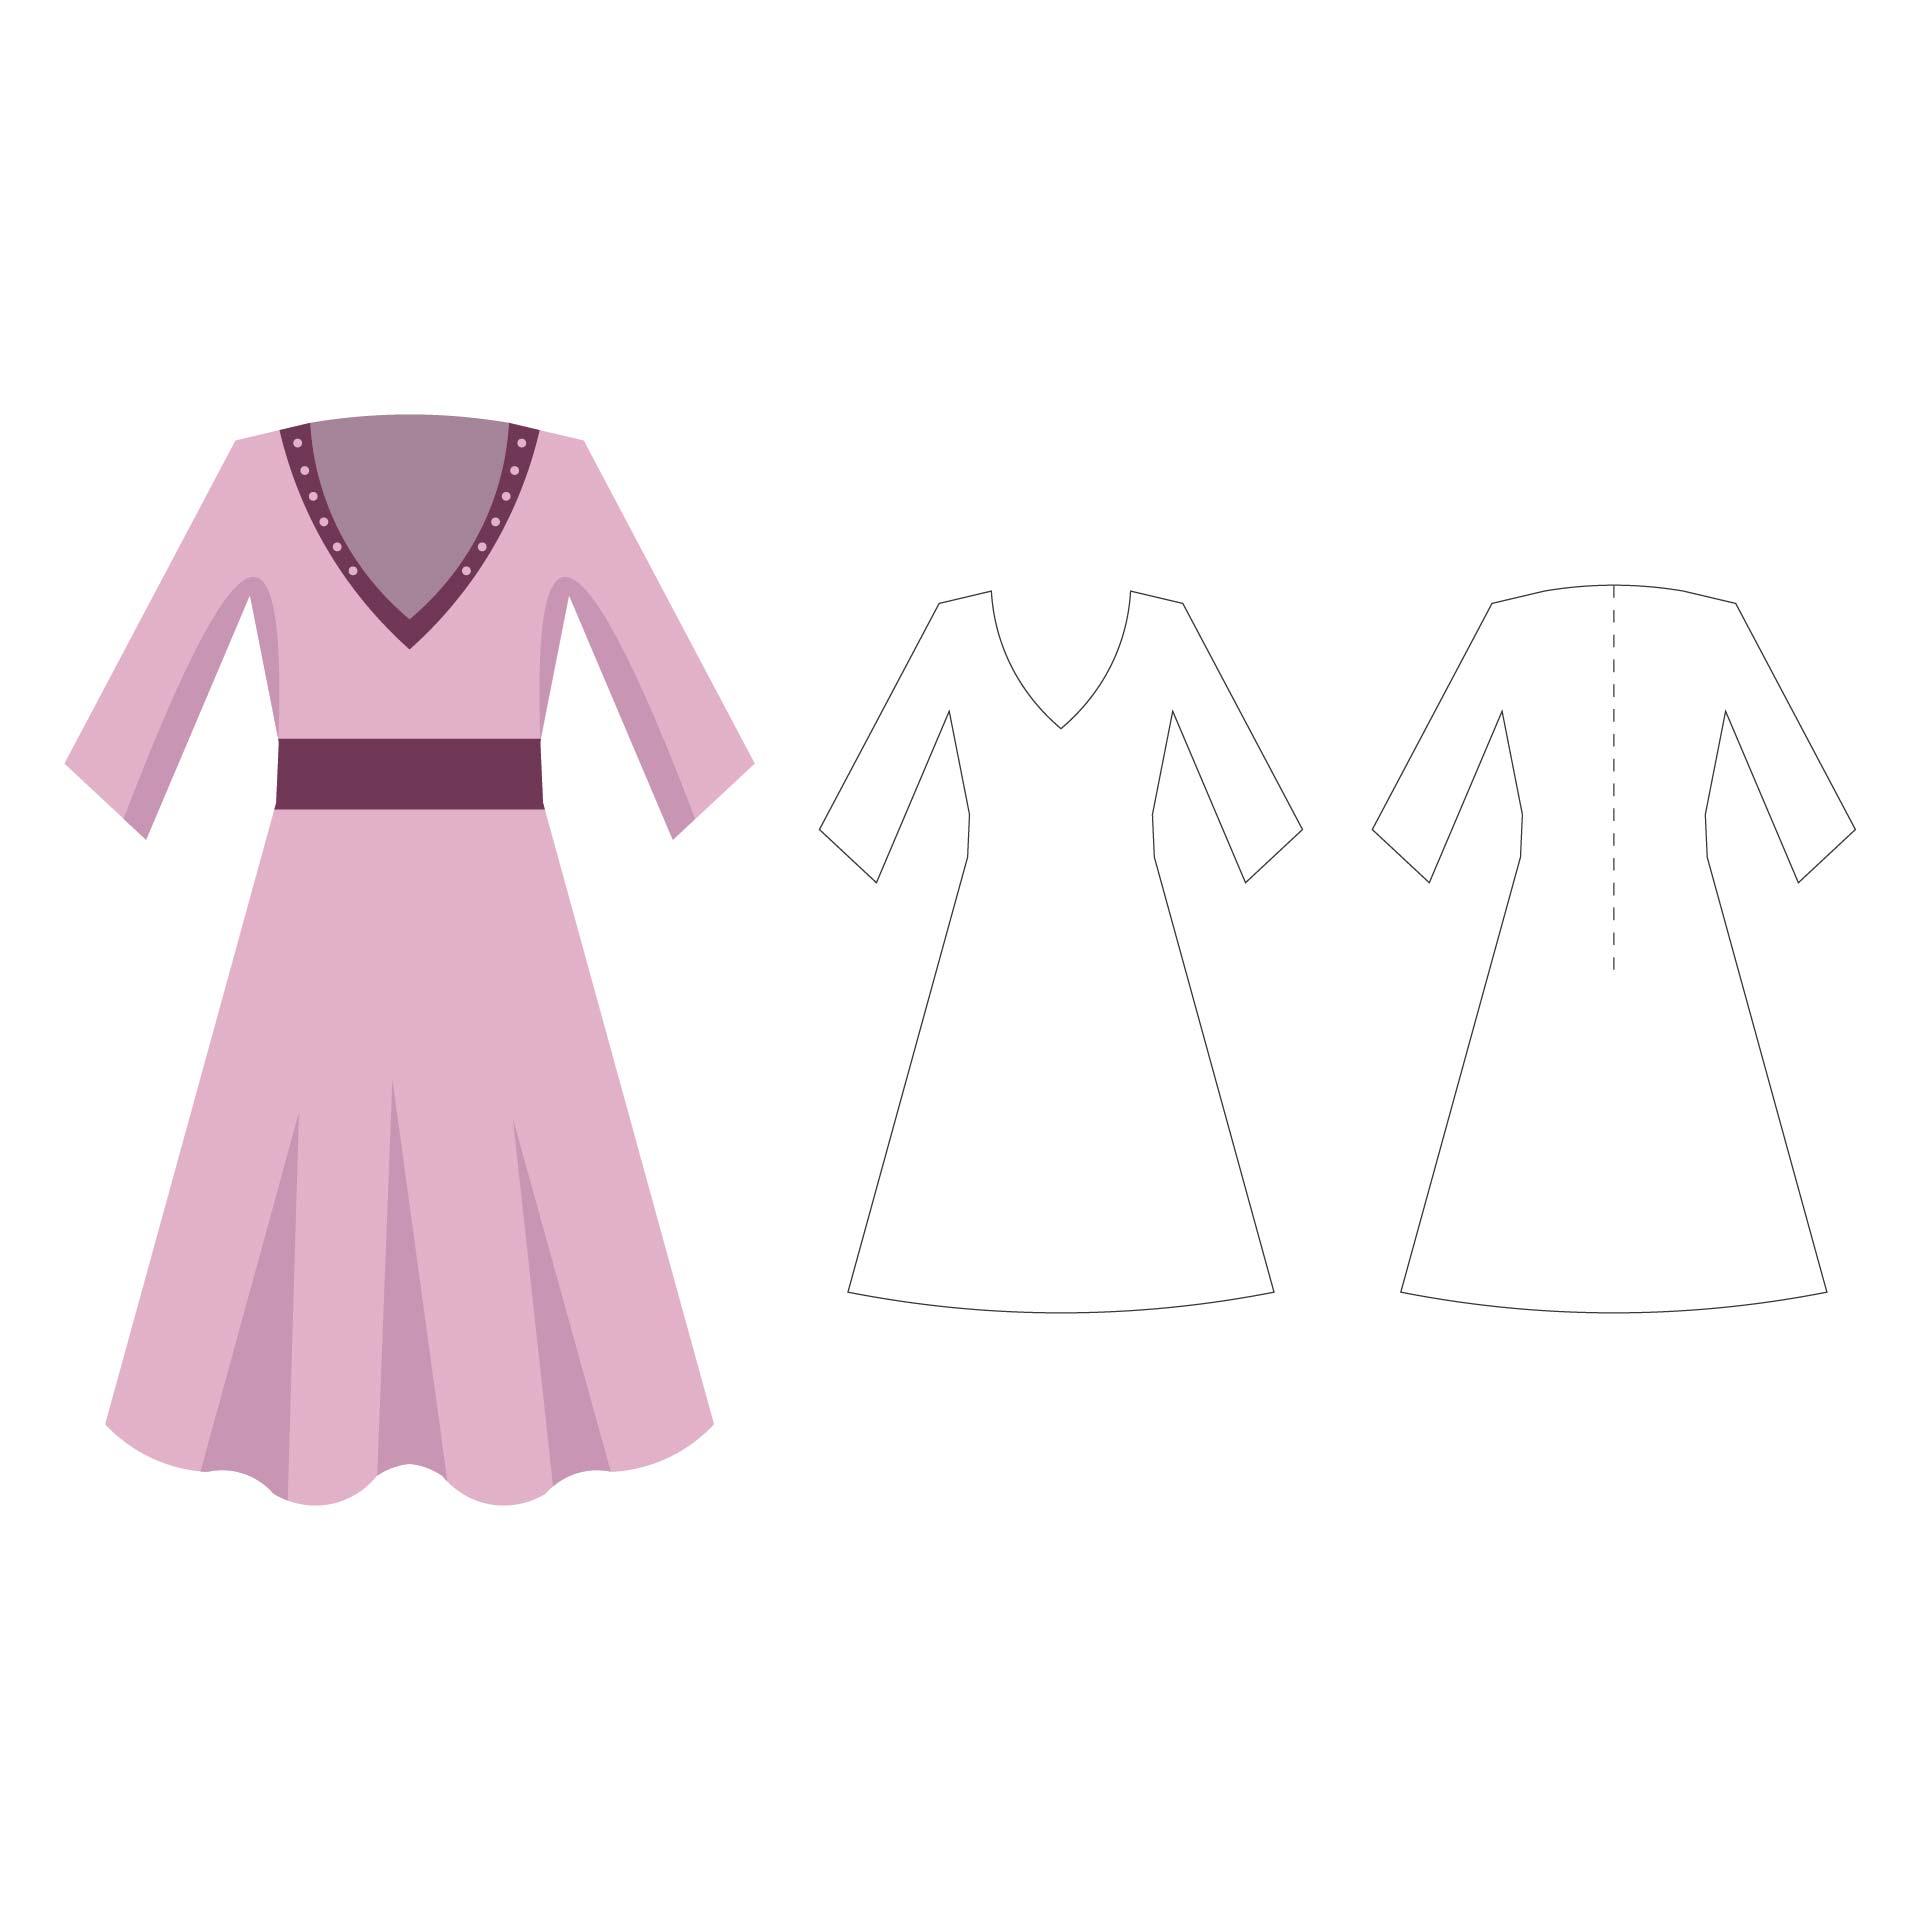 Tunic Dress Pattern Free